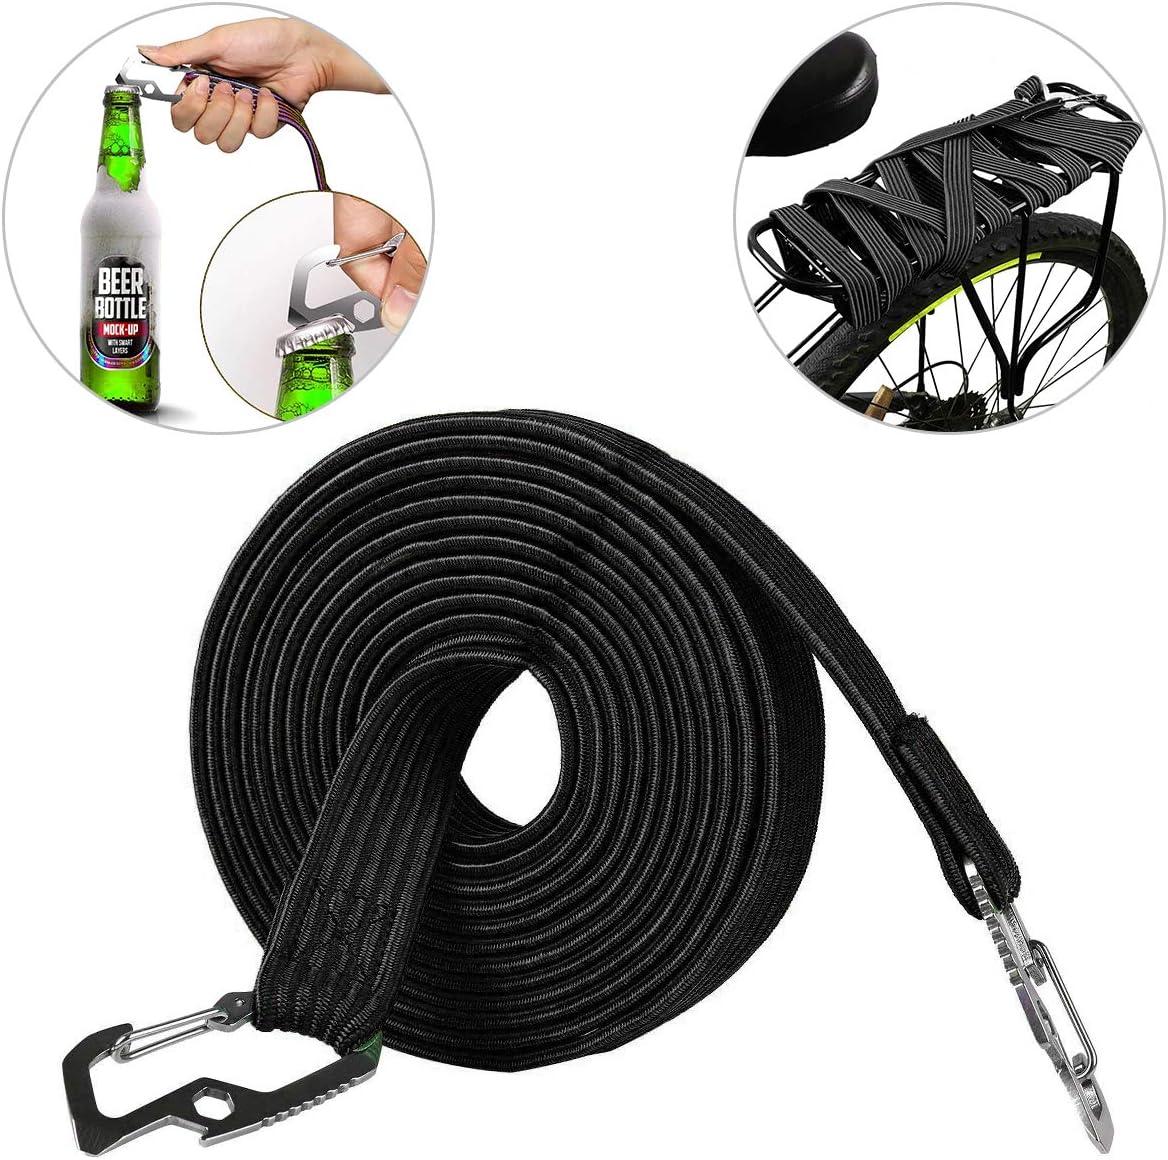 Stark Gummi Gepäck Elastisch Riemen Kabel Set Mit Haken Seil